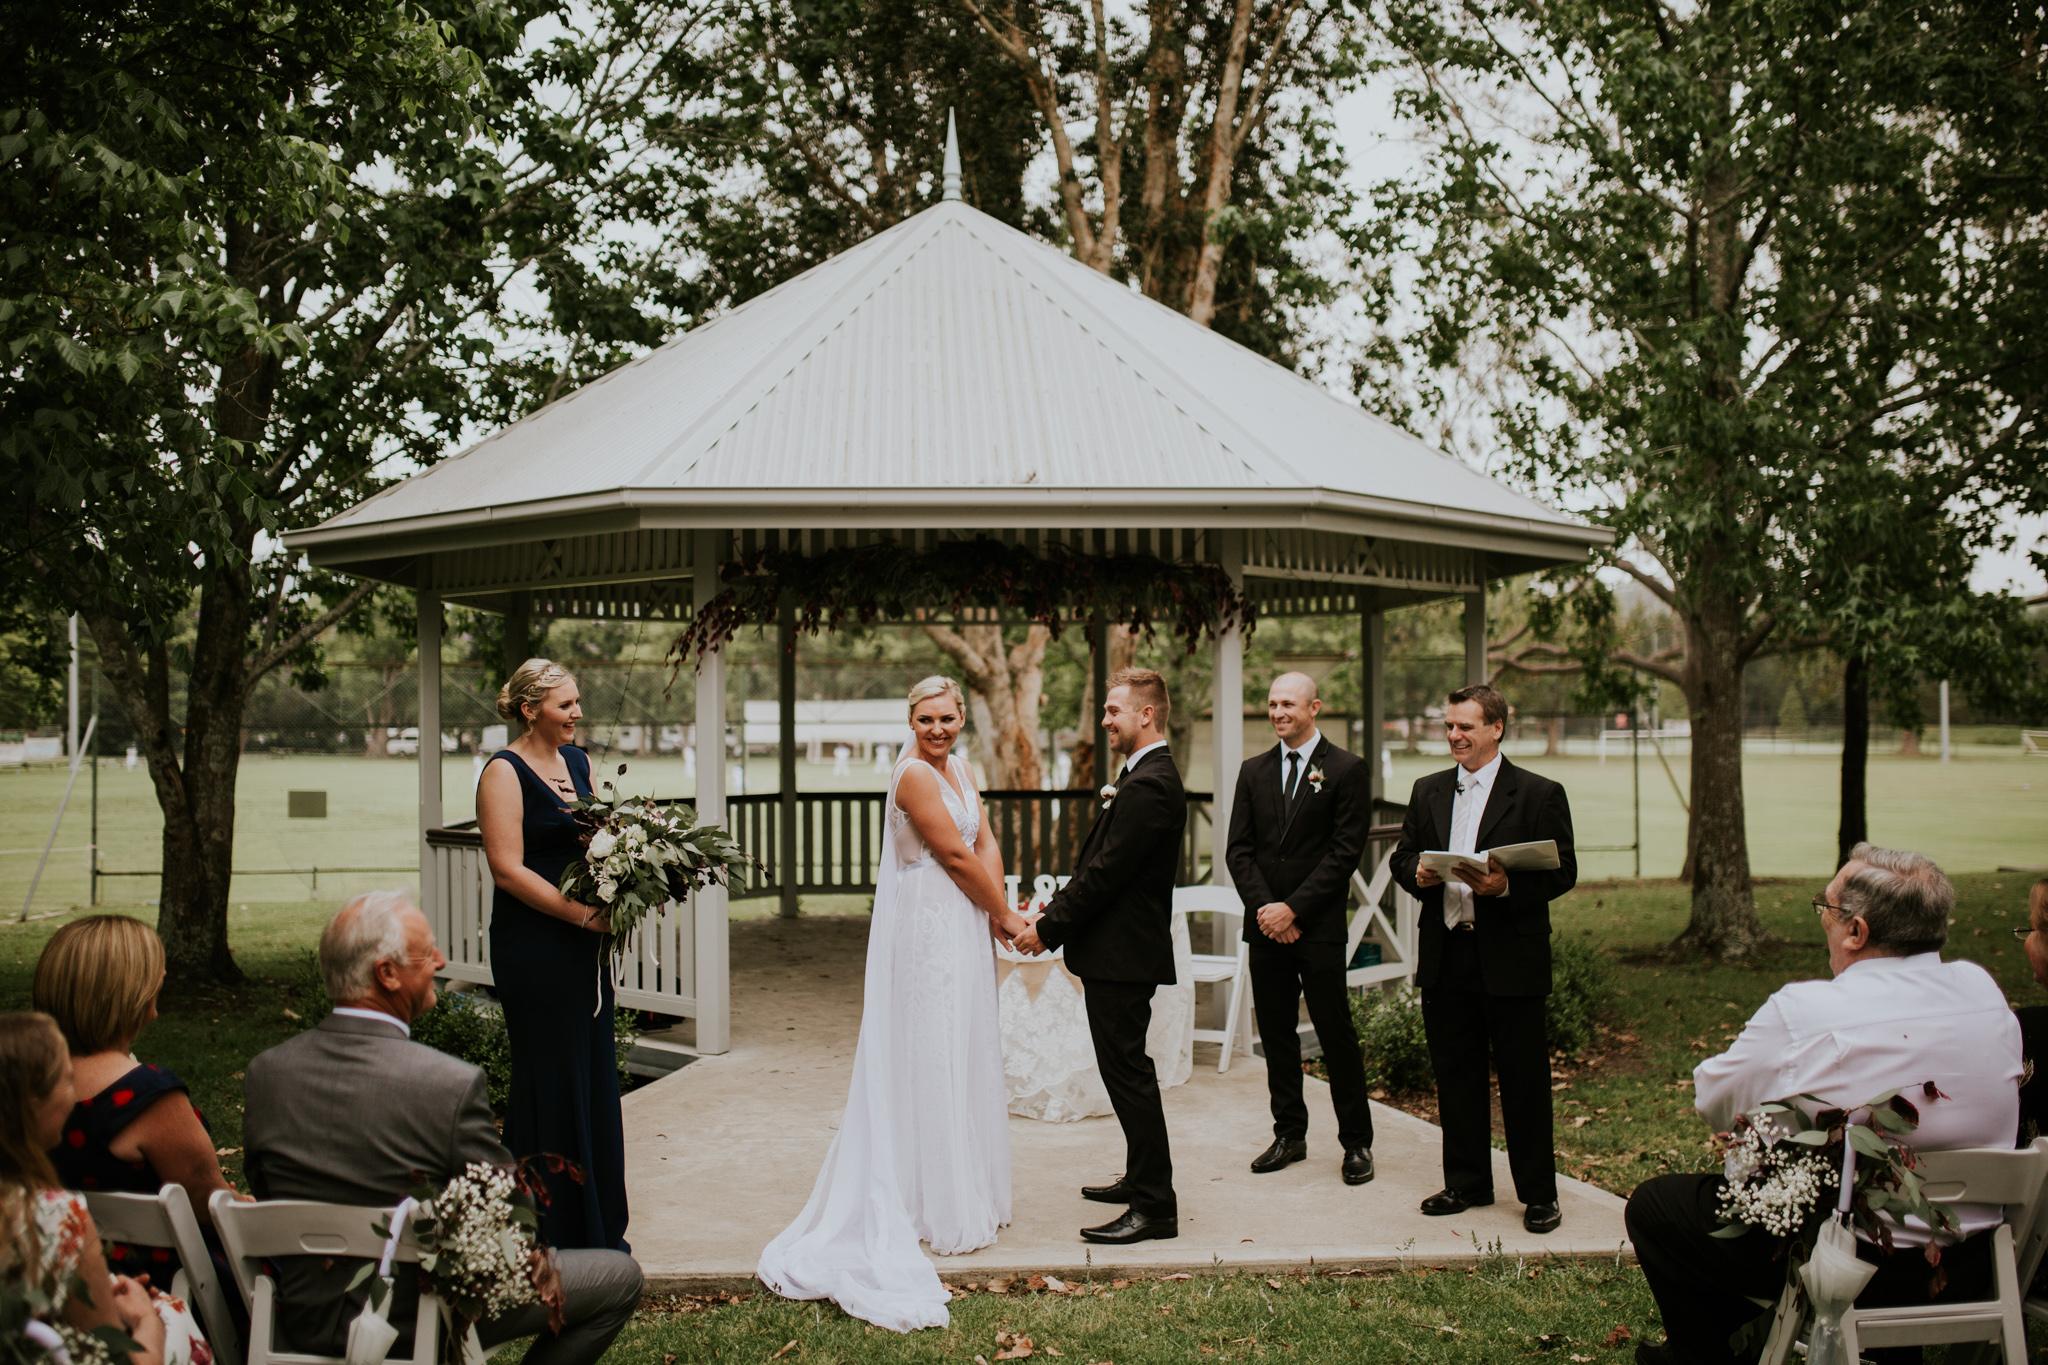 Lucy+Kyle+Kiama+Sebel+wedding-68.jpg